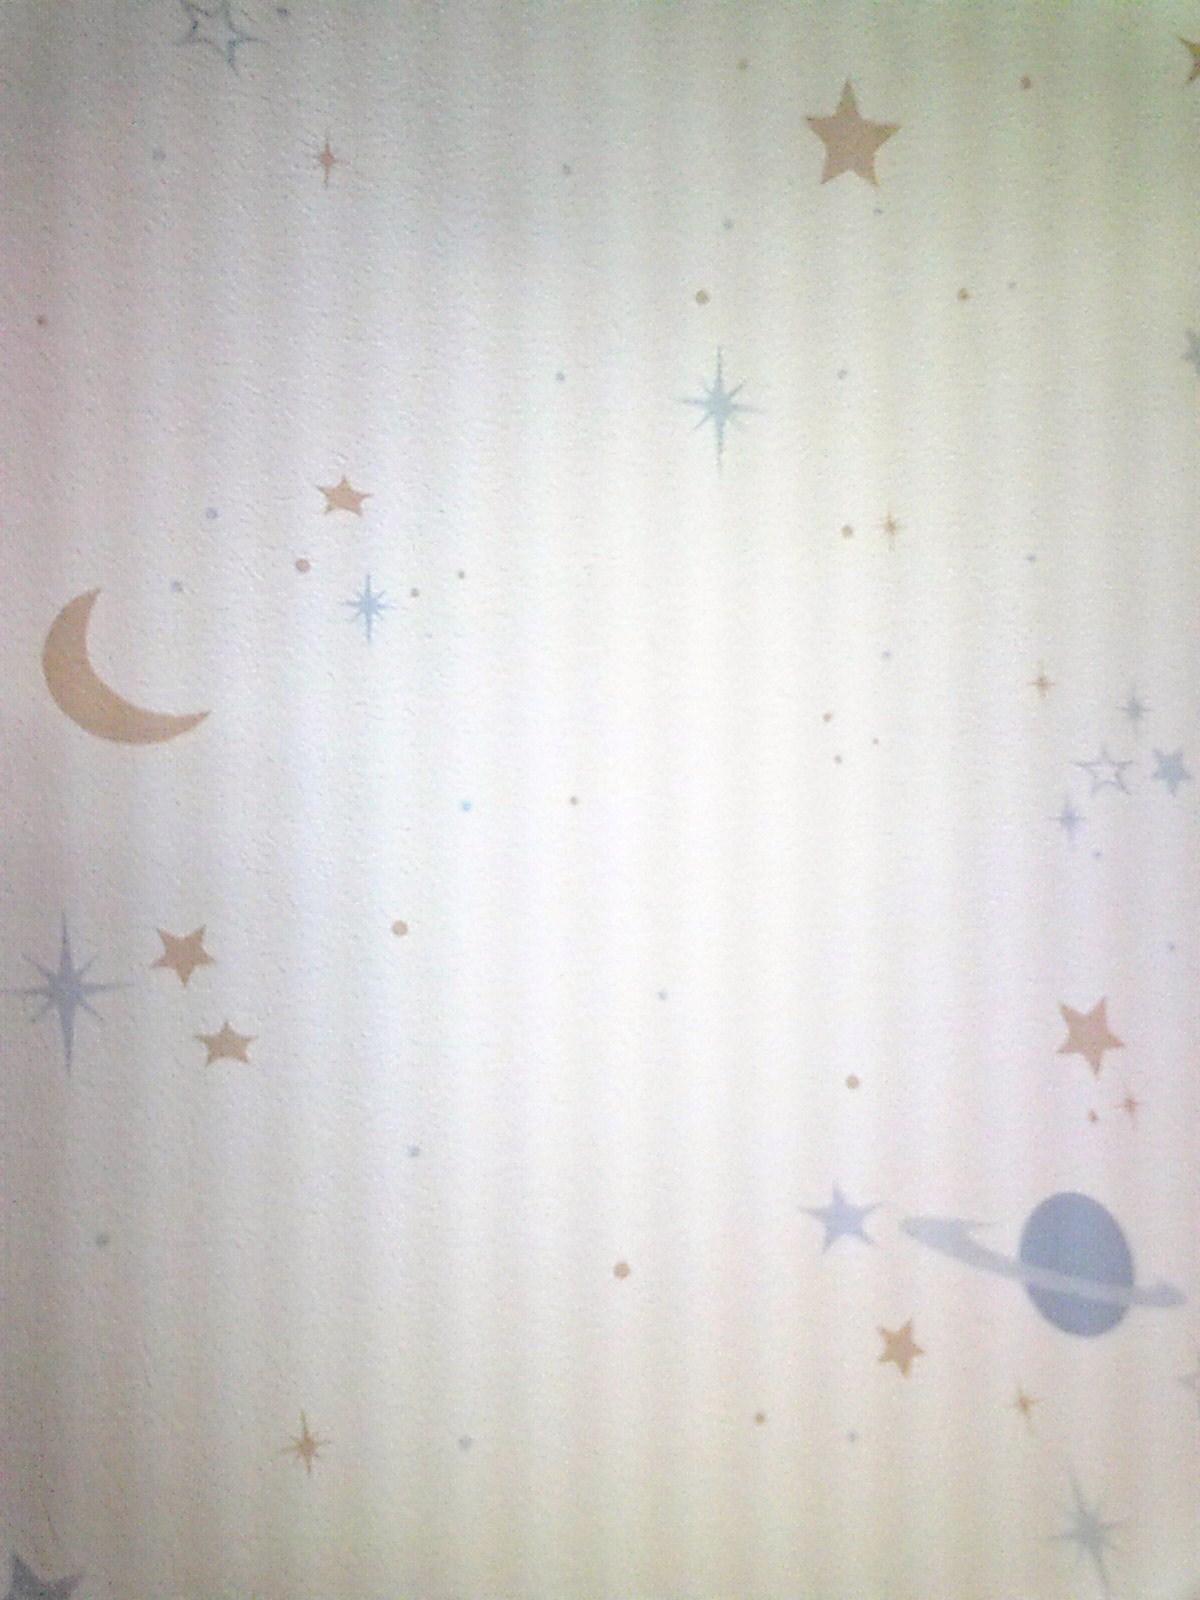 星柄の壁紙 クロス 壁紙店長のお気軽ブログ